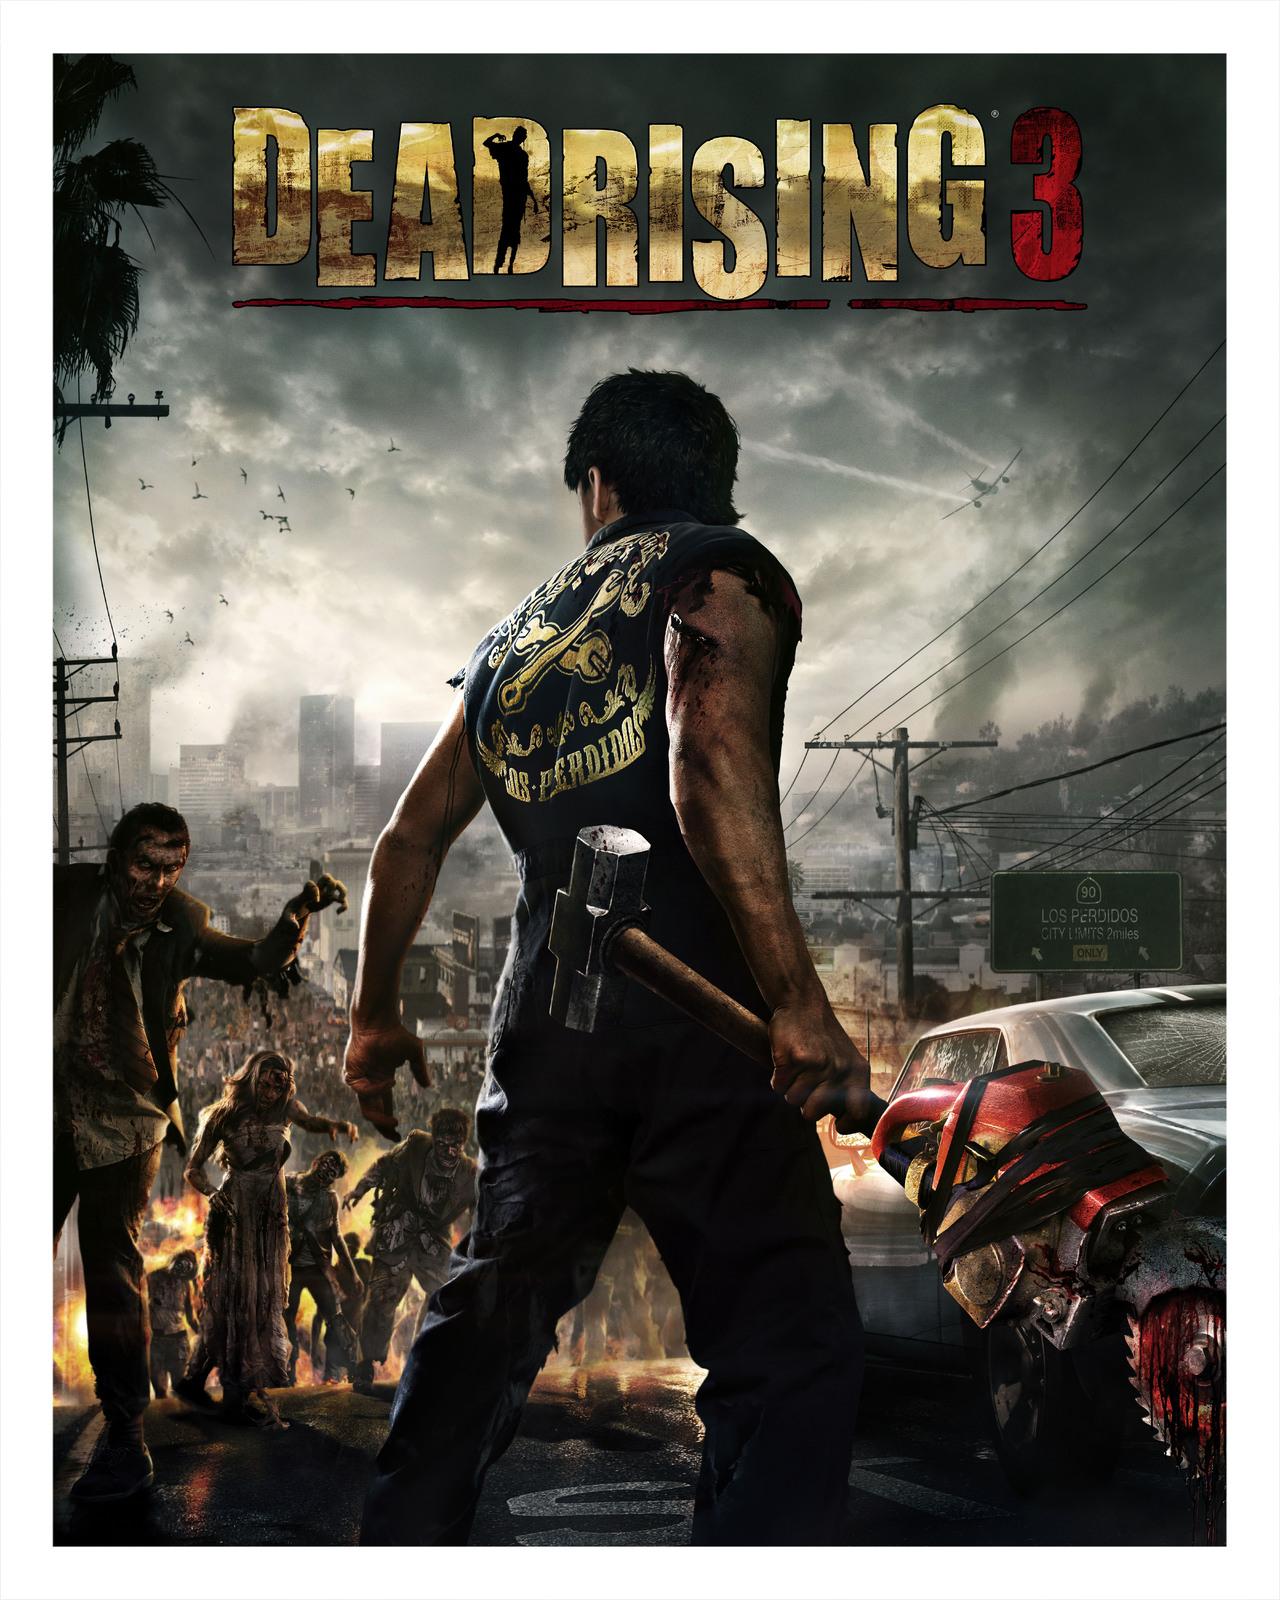 jeuxvideo.com Dead Rising 3 - Xbox One Image 2 sur 224